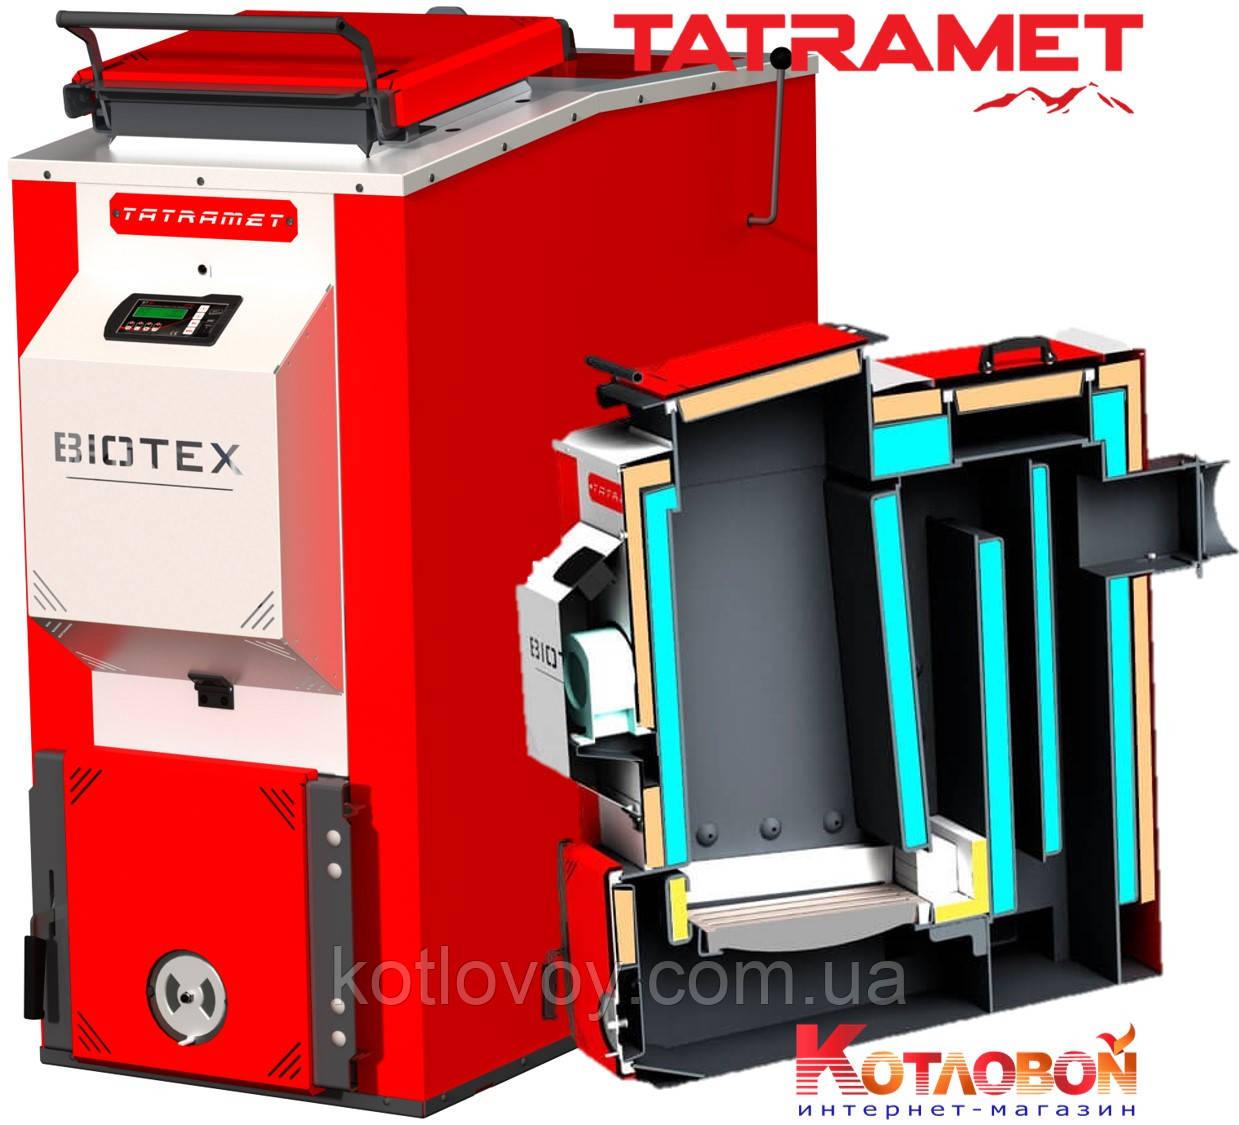 Твердотопливный котёл утилизатор Татрамет (Tatramet) BIOTEX